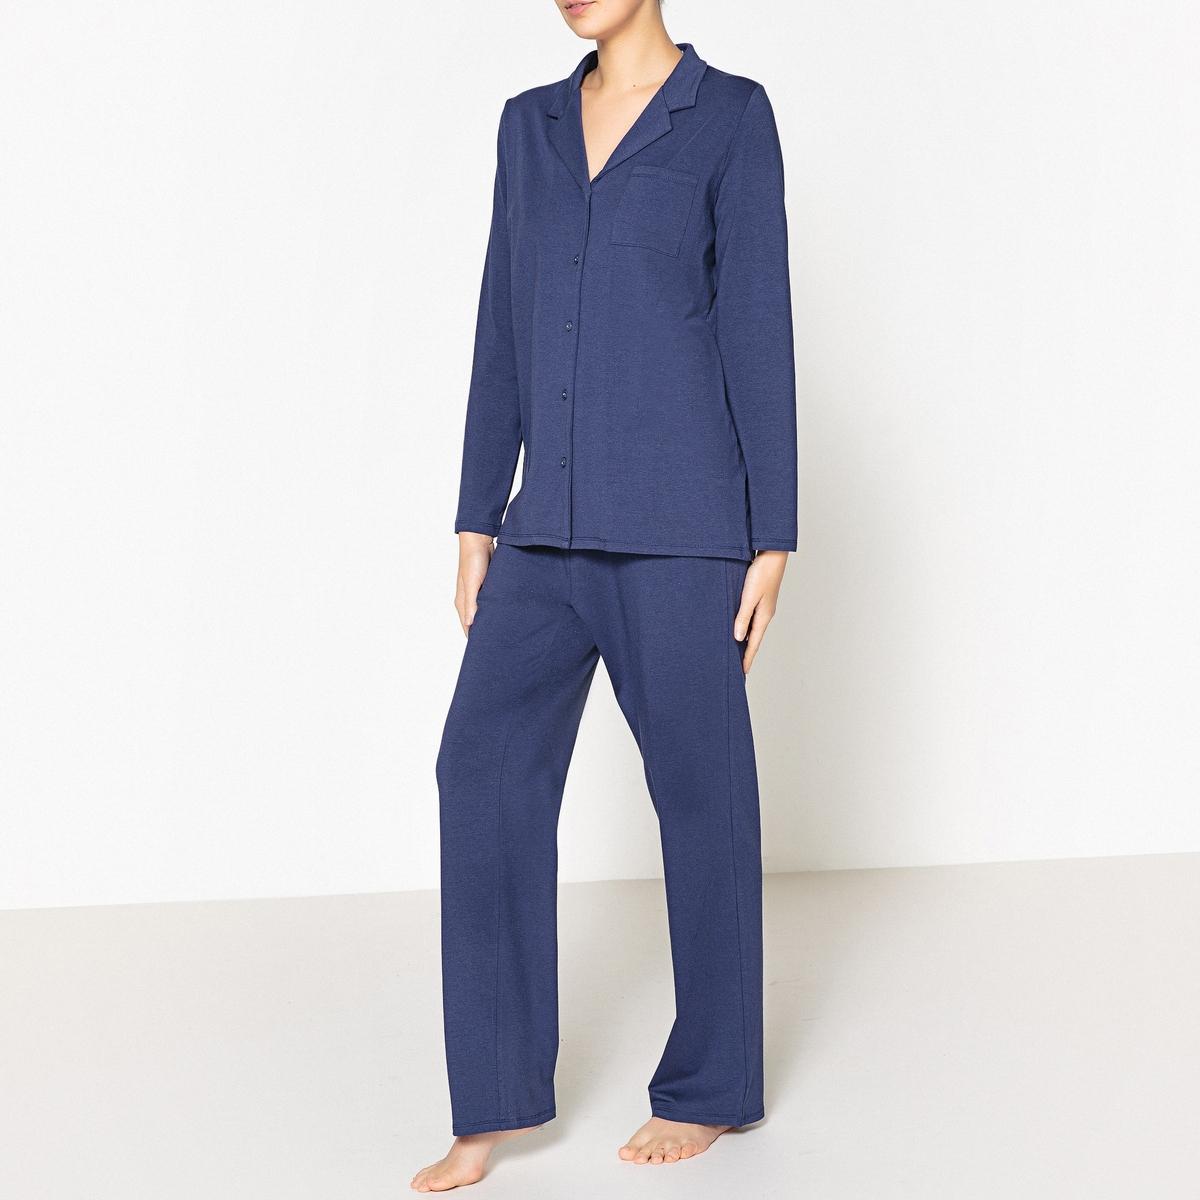 Пижама с рубашкойОписание:Пижама в мужском стиле. В обновленном дизайне, который будет актуален еще долго ! Удобная для сна и отдыха .Детали.•  Пижама с рубашкой прямого покроя . •  Накладной карман спереди, эластичный пояс с завязками . •  Длина : вверху : 70 см, длина по внутр.шву : 76 смСостав и уход •  Материал : 47% хлопка, 47% модала, 6% эластана . •  Машинная стирка при 30° с вещами схожих цветов. •  Стирать и гладить с изнаночной стороны. •  Машинная сушка на умеренном режиме. •  Гладить при низкой температуре.<br><br>Цвет: синий морской